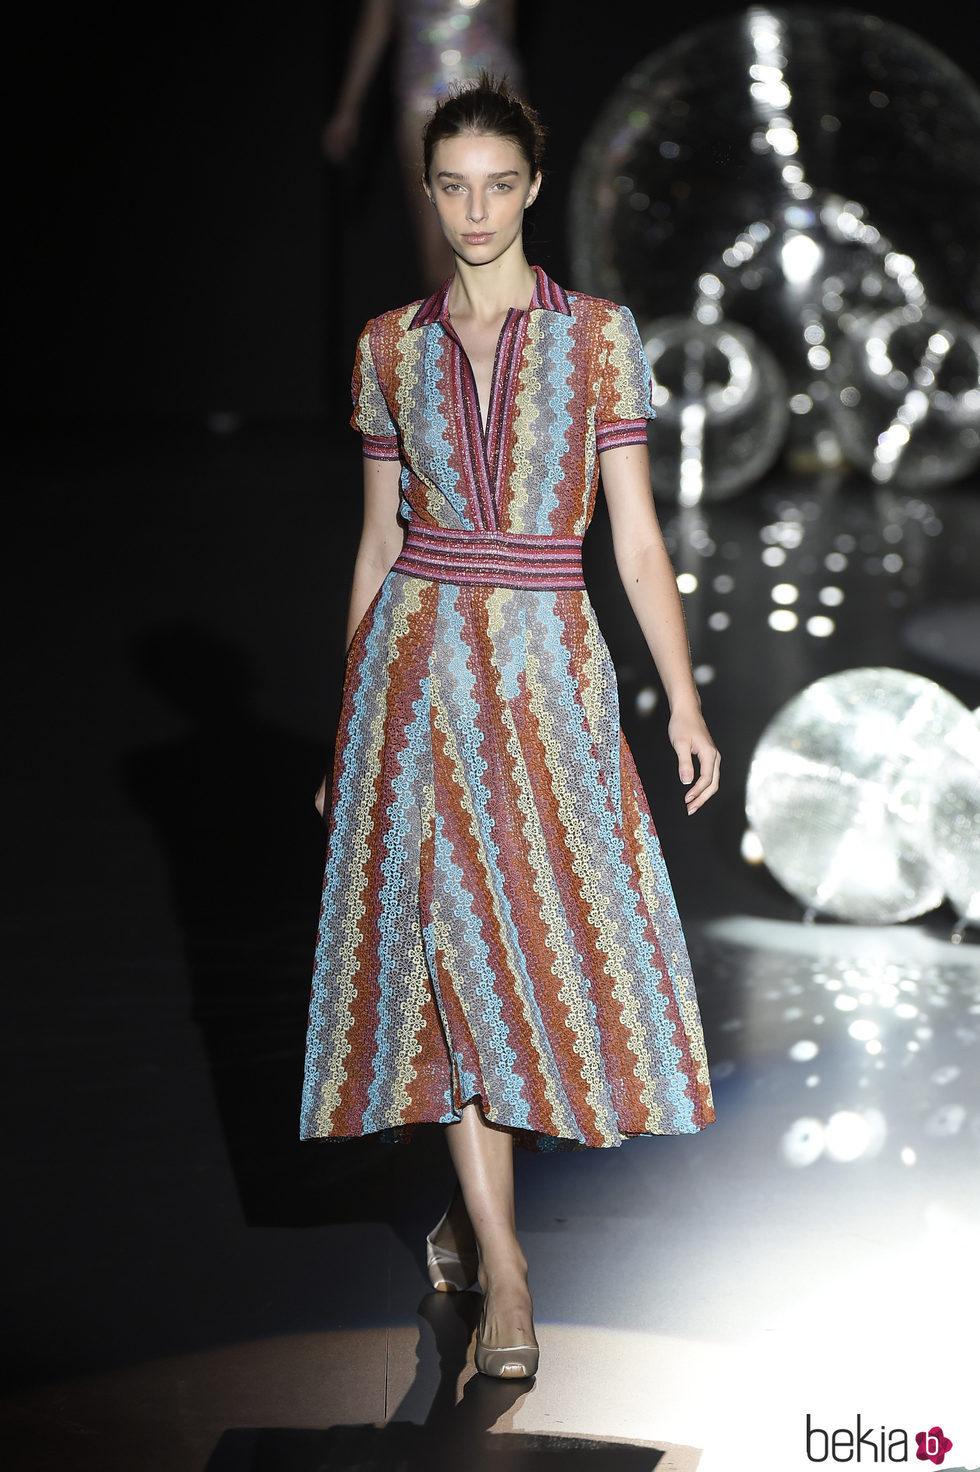 Vestido de colores a os 50 de teresa helbig primavera verano 2017 en madrid fashion week - Colores moda primavera verano 2017 ...